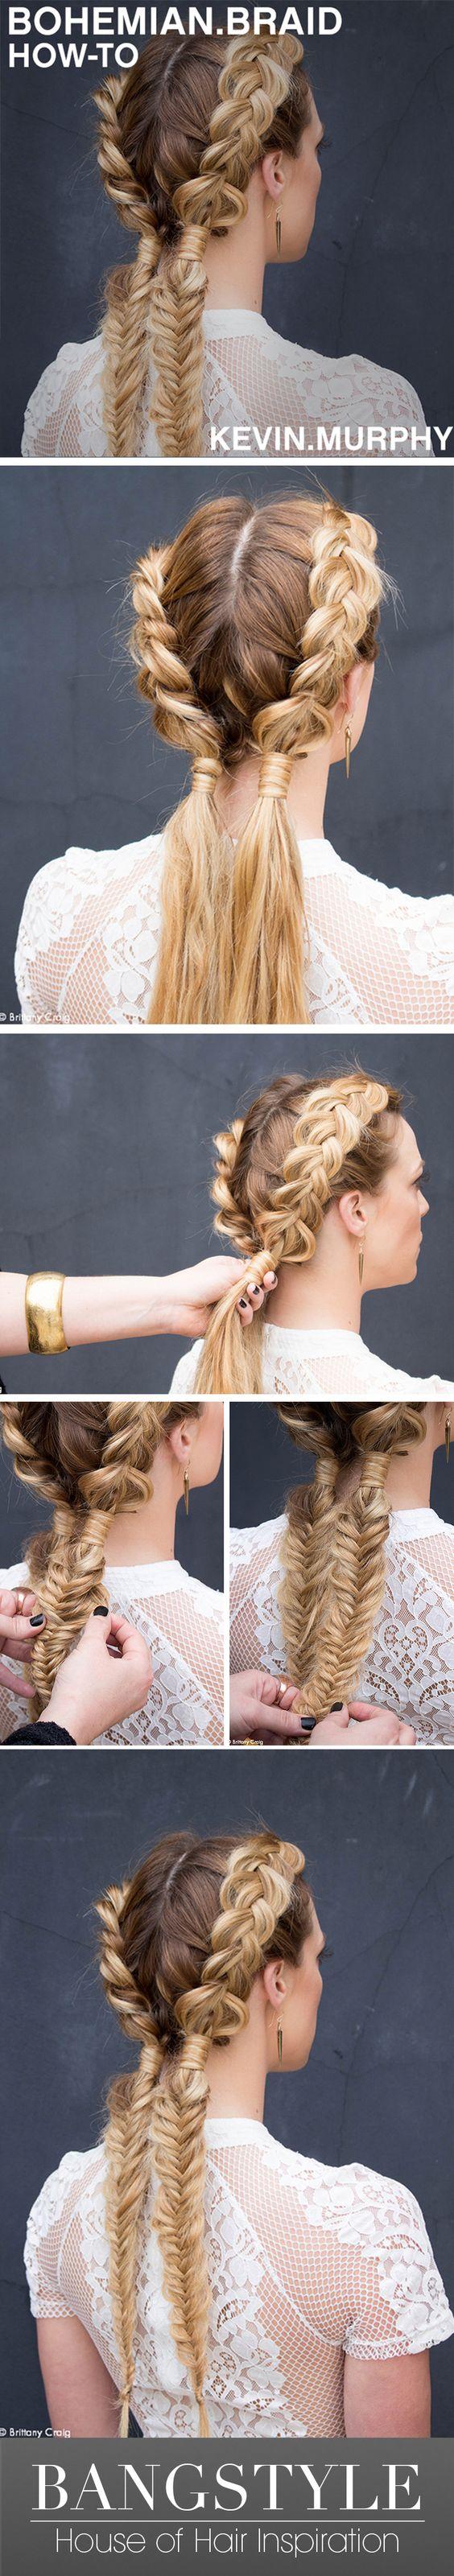 Bohemian braid... perfect festival hair for Coachella